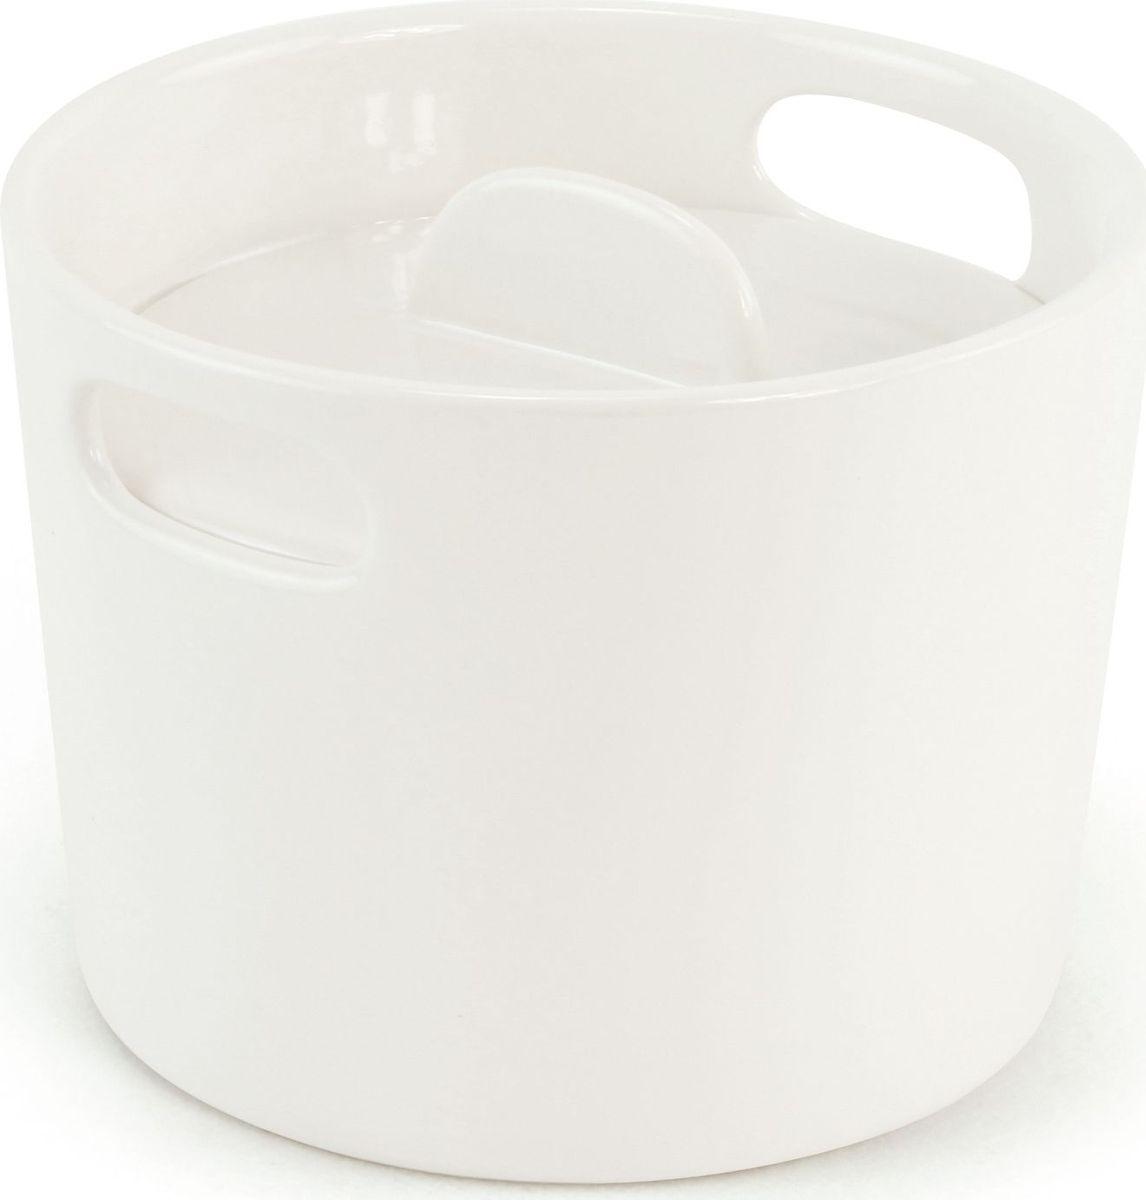 Набор кокотниц Cookut Eve, с крышками, цвет: белый, диаметр 11 см, 3 штEVE11BL3Набор кокотниц с крышками, выполненные из керамики, идеально подходят для приготовления жульенов, порционных блюд в духовом шкафу. Подходят для использования в духовом шкафу и микроволновой печи. Можно мыть в посудомоечной машине. В комплекте 3 штуки.